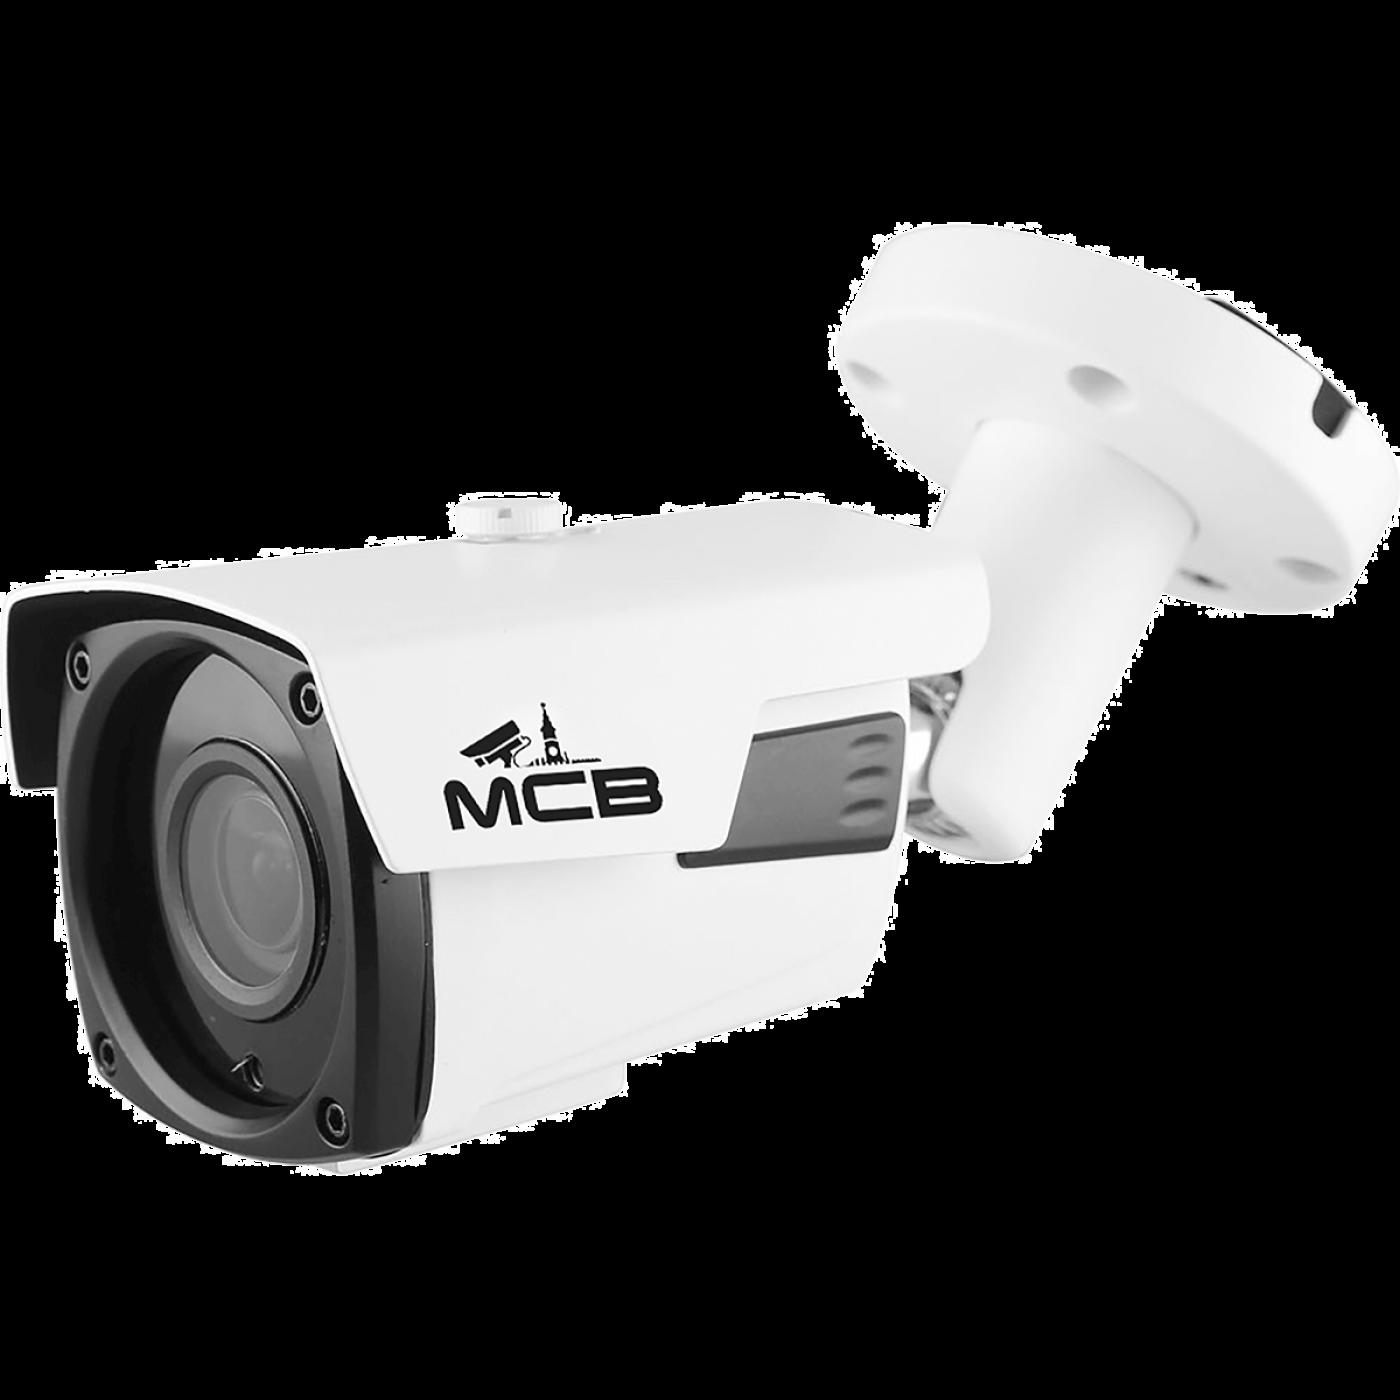 IP комплект видеонаблюдения на 5 камер 5 Мегапикселей PRO